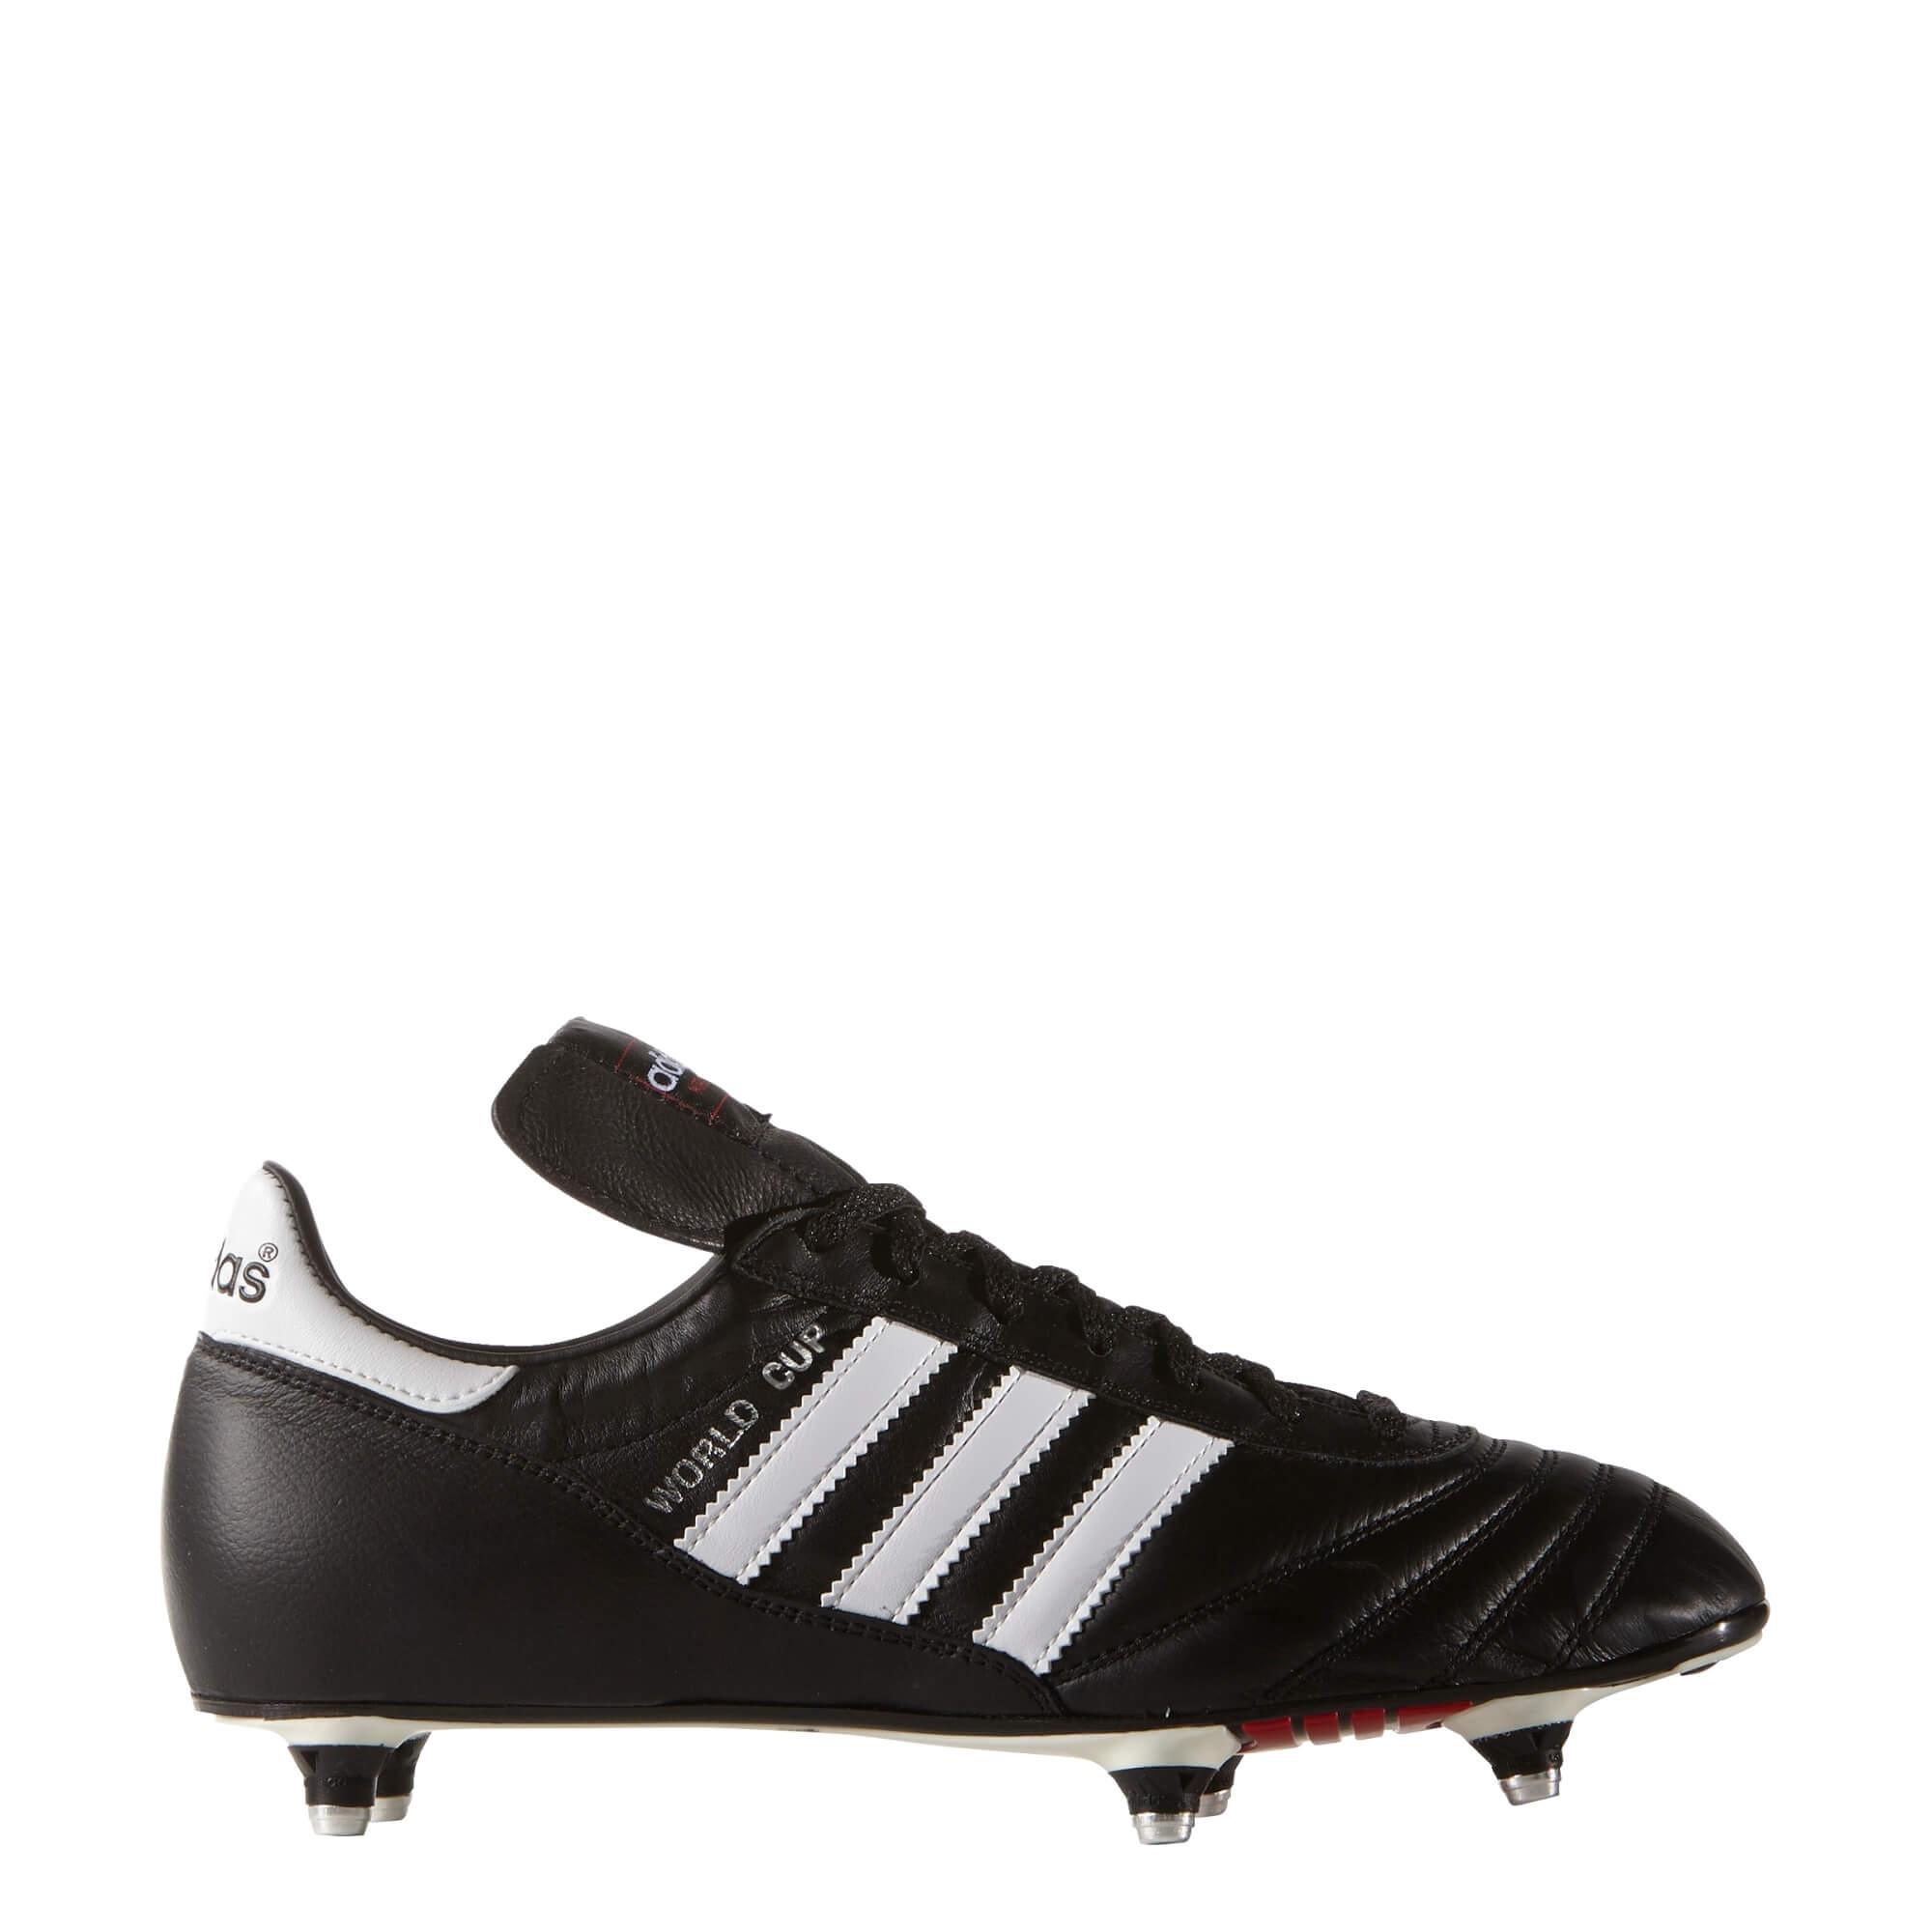 adidas voetbalschoenen wk,adidas voetbalschoenen wk koop